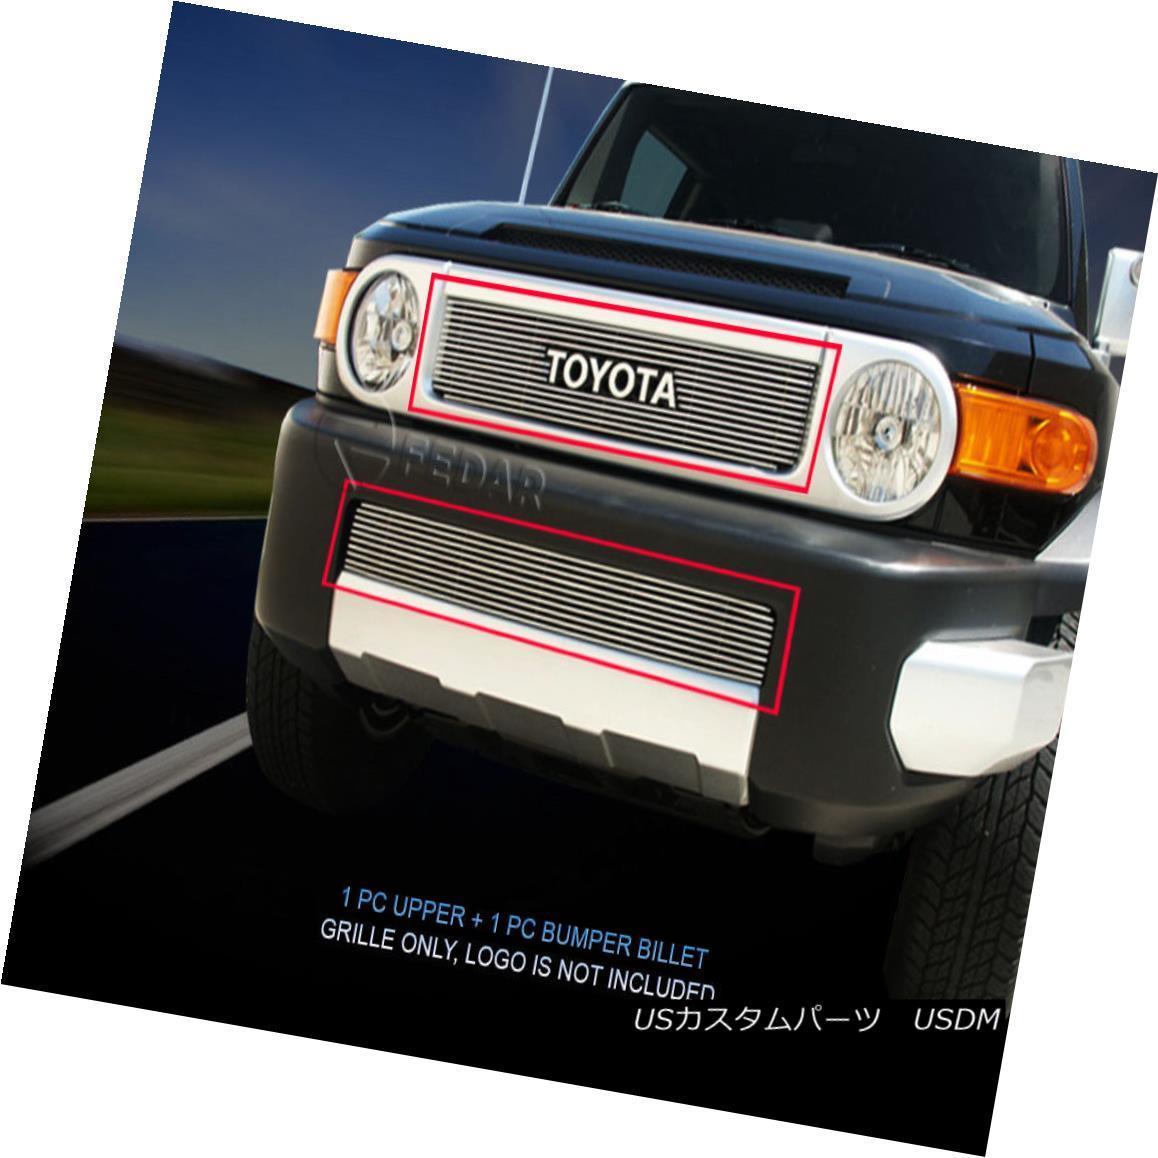 グリル Fedar Fits 07-14 Toyota FJ Cruiser Combo Polished Billet Grille Overlay Fedarフィット07-14トヨタFJクルーザーコンボポリッシュビレットグリルオーバーレイ